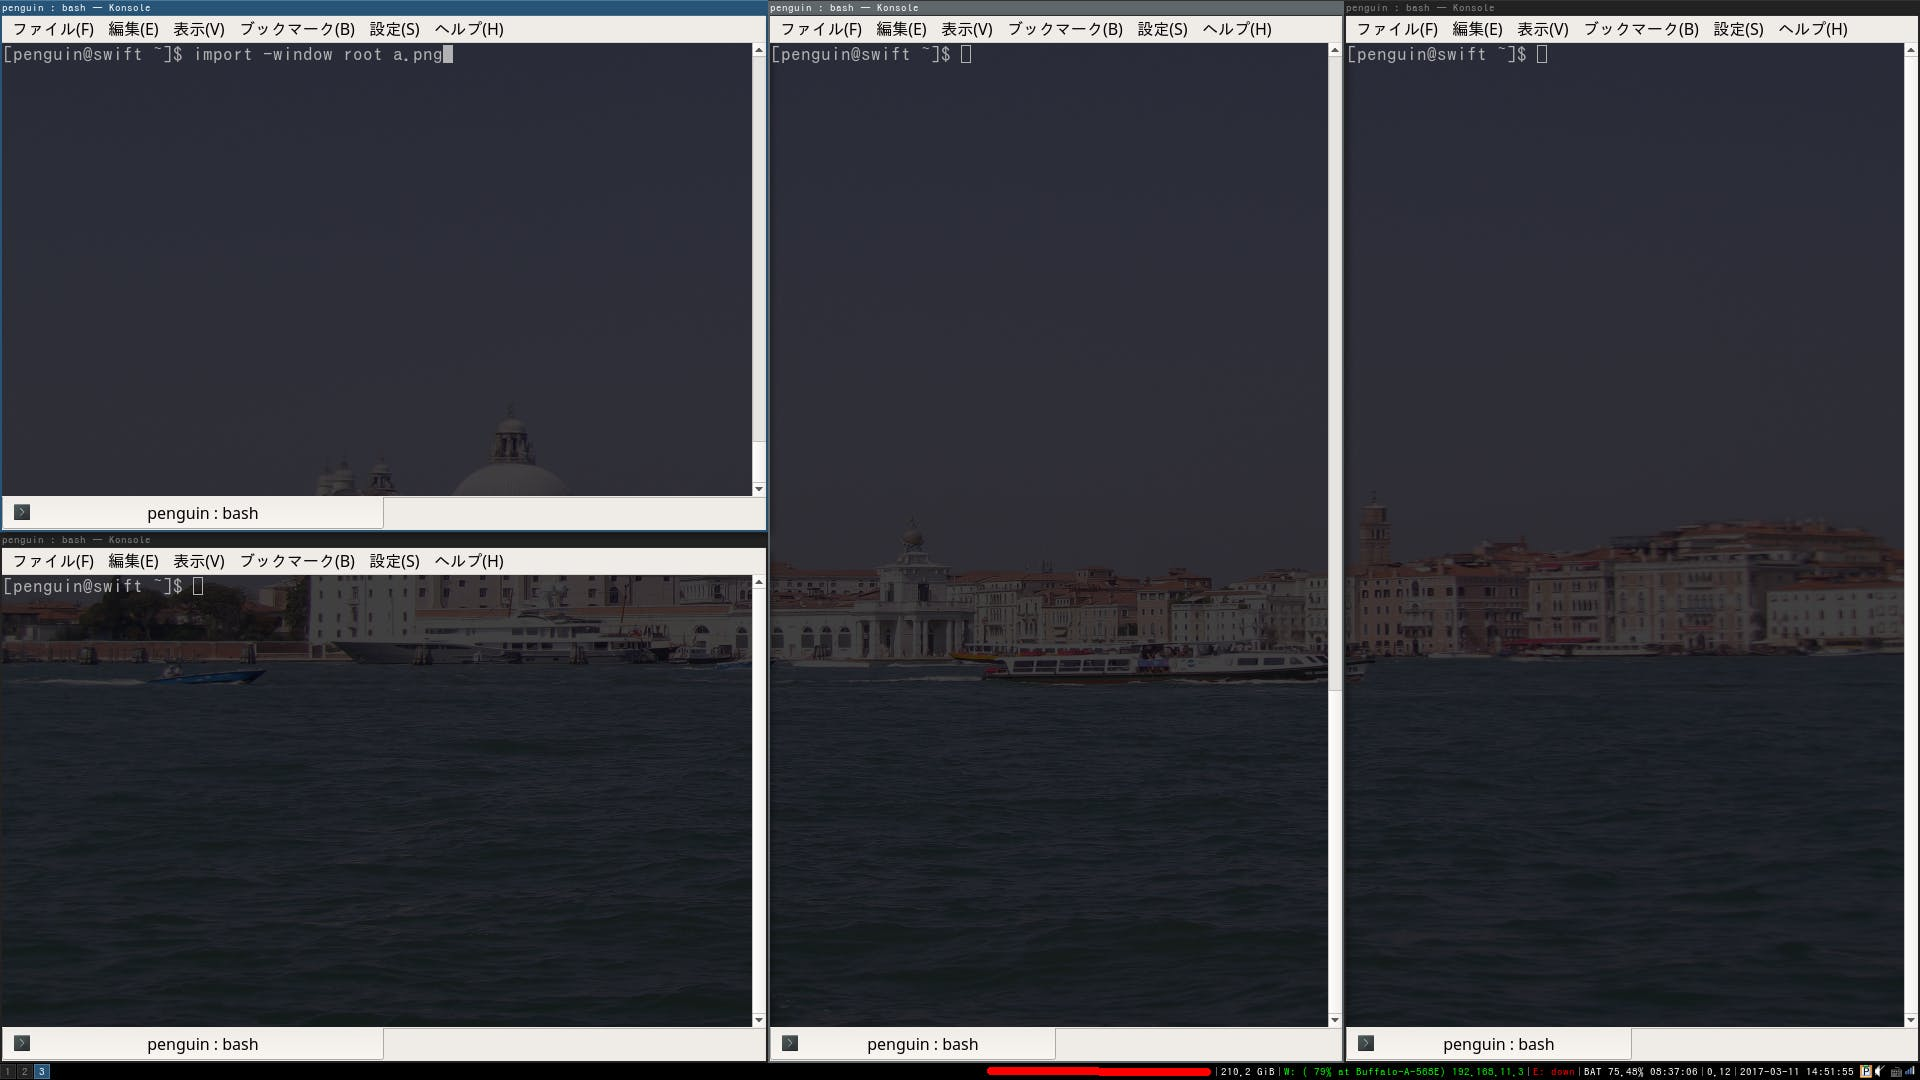 i3 Window Manager を使ってみて分かったおすすめ設定集 - Qiita